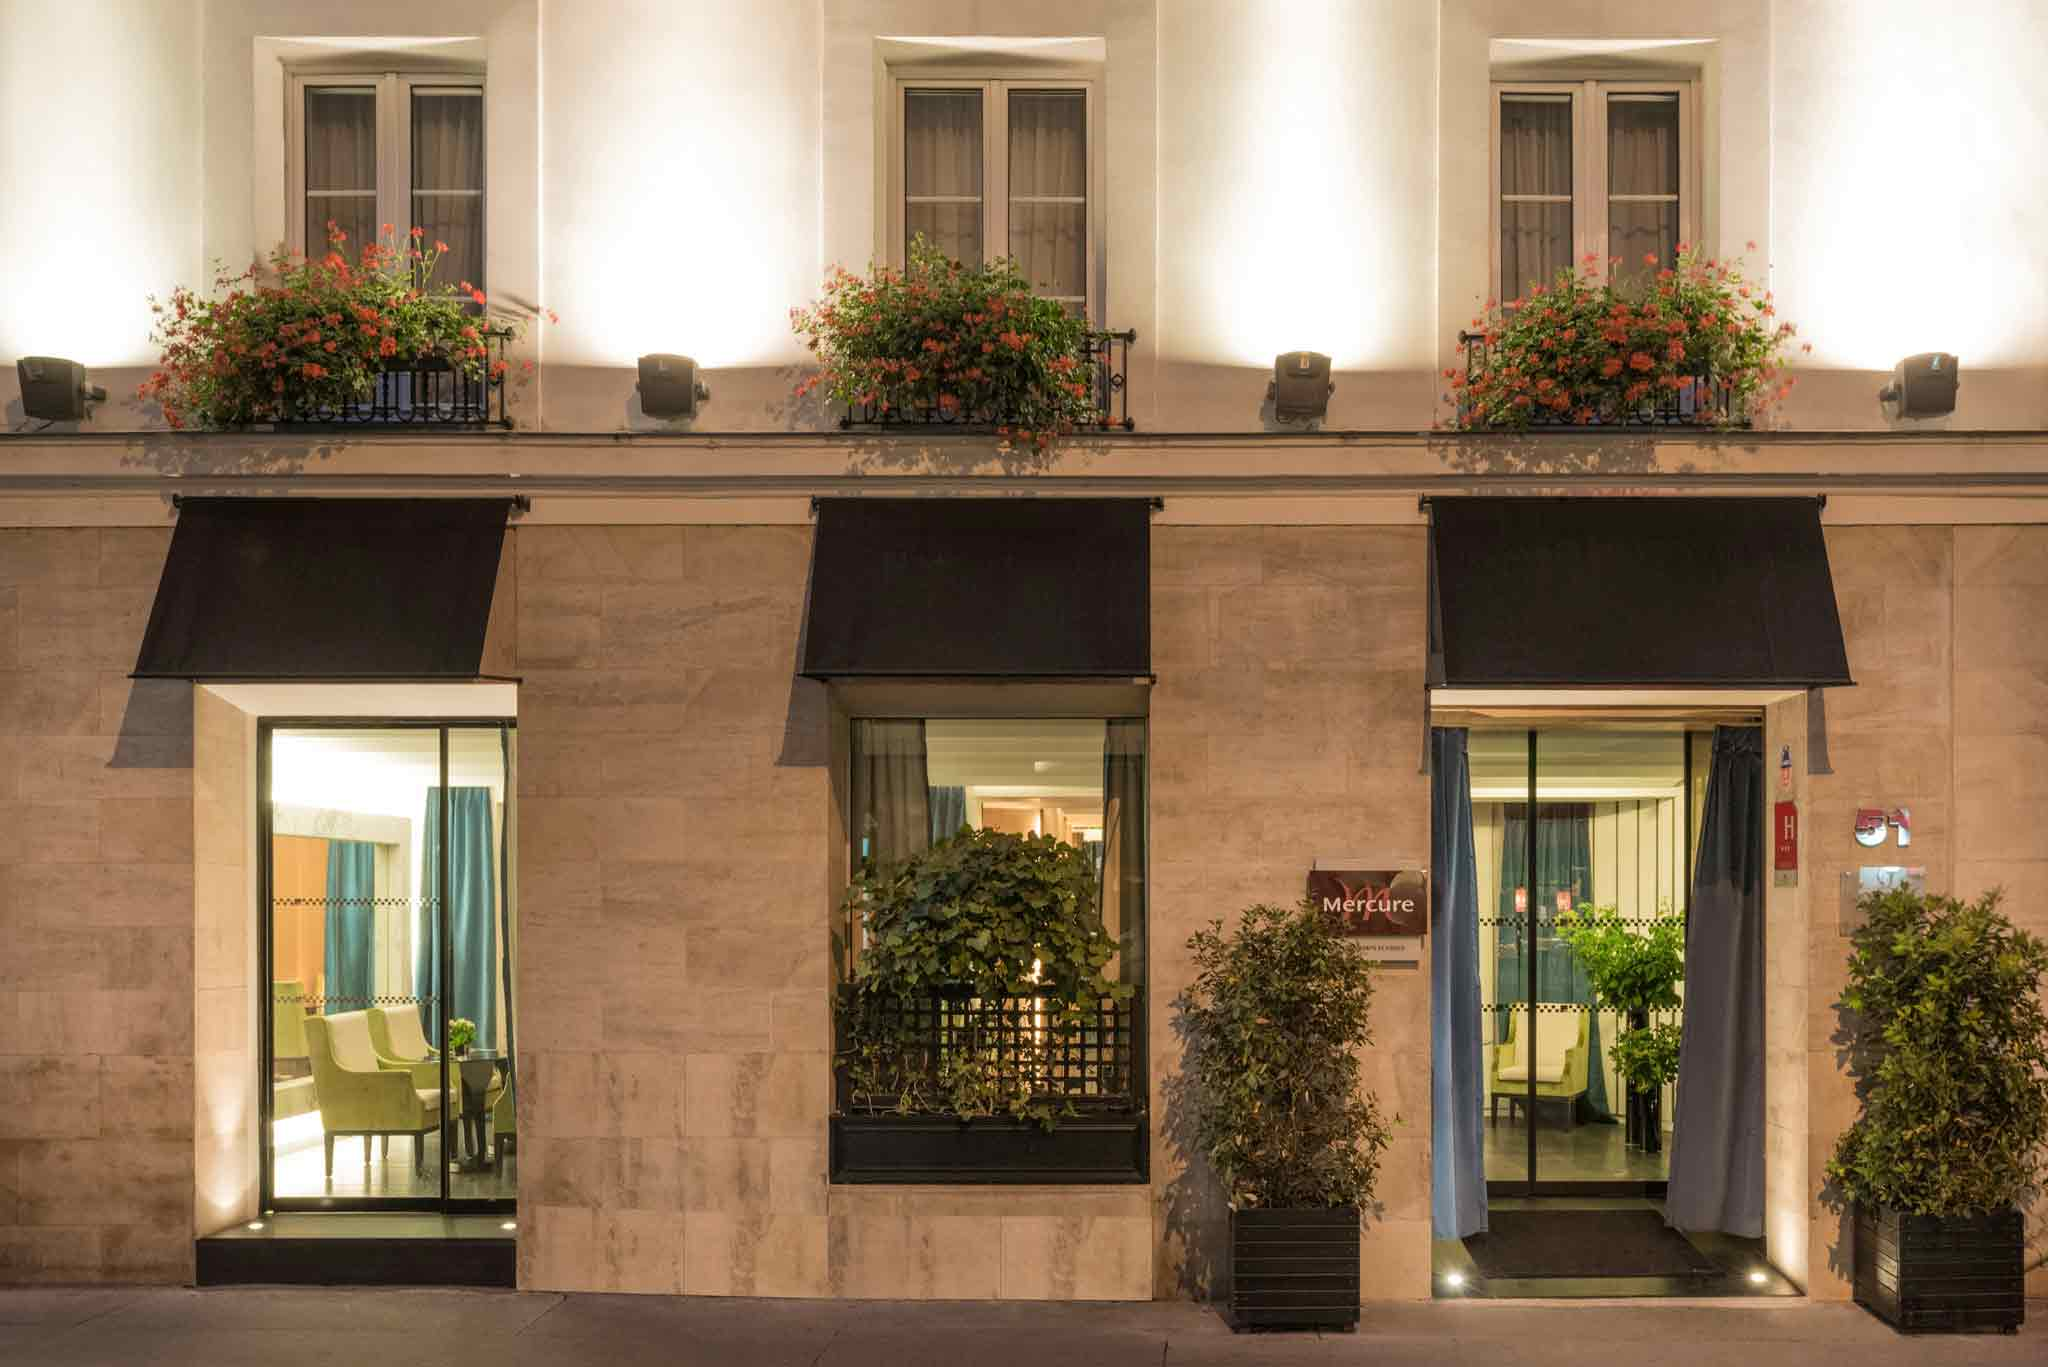 โรงแรม – โรงแรมเมอร์เคียว ปารีส ช็อง เซลีเซ